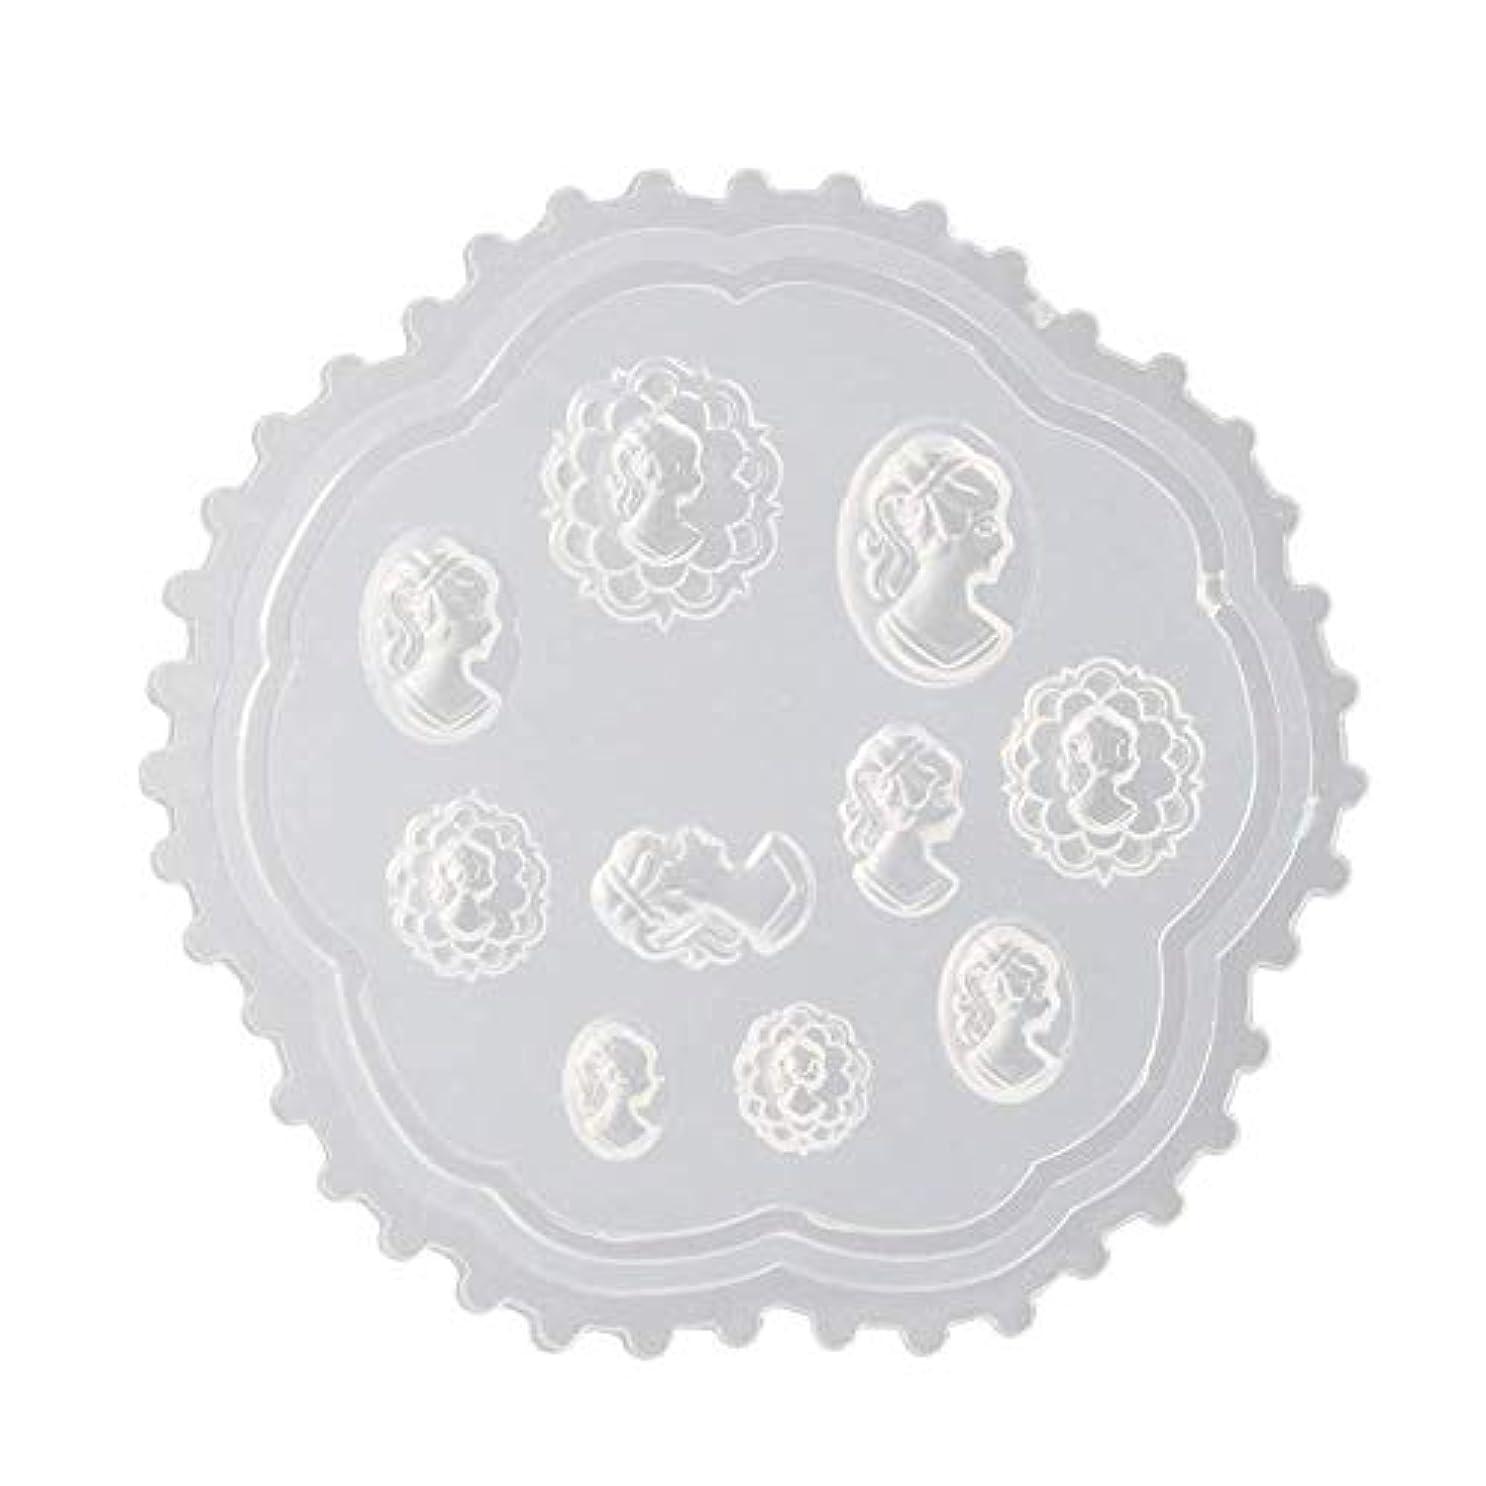 中に十分必要とするgundoop 3Dシリコンモールド ネイル 葉 花 抜き型 3Dネイル用 レジンモールド UVレジン ネイルパーツ ジェル ネイル セット アクセサリー パーツ 作成 (2)